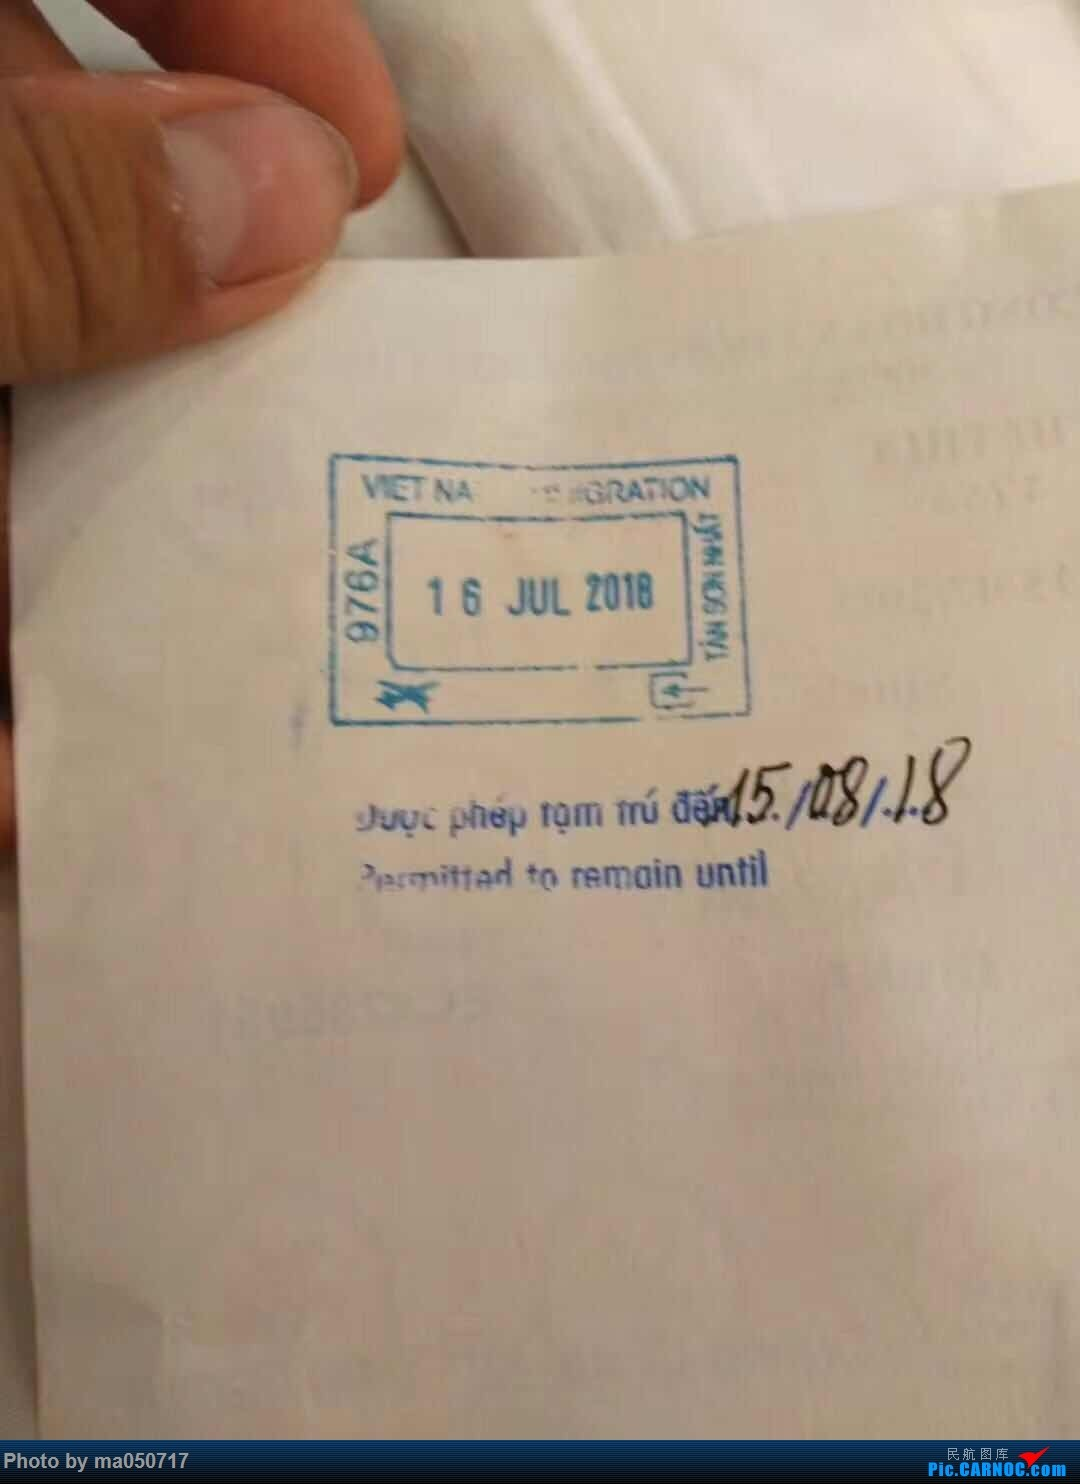 Re:[原创]【CurryMa游记3】中国南方航空CZ3069 广州-胡志明市 B737-800    越南胡志明市新山一国际机场